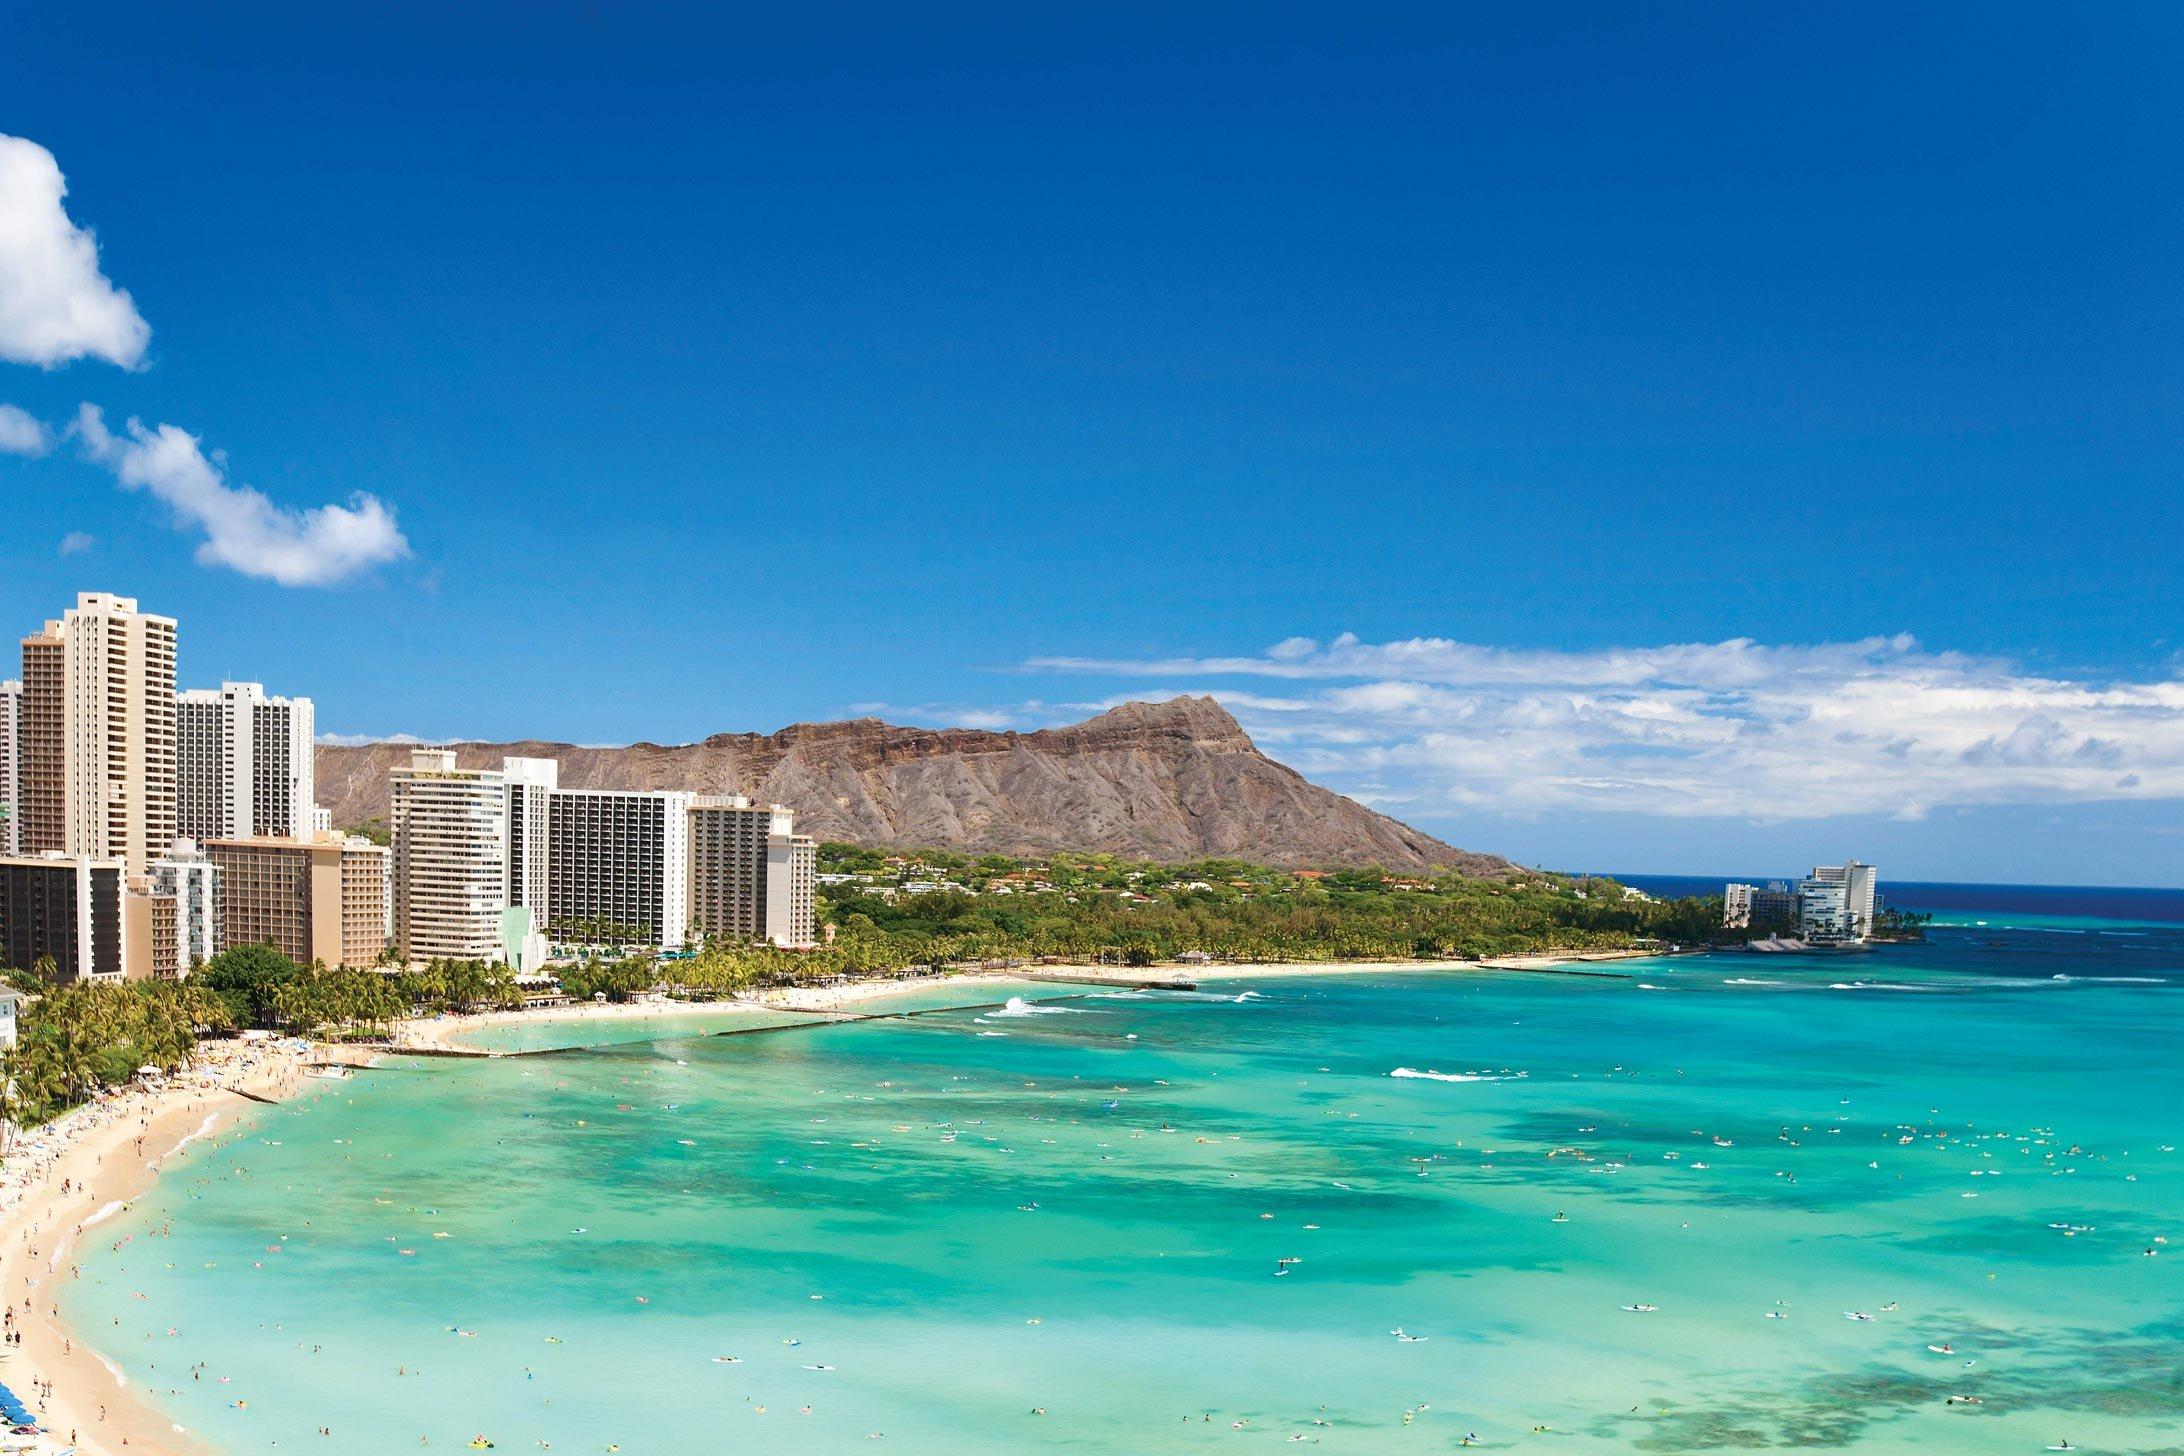 Waikiki_Beach_HI_reduced